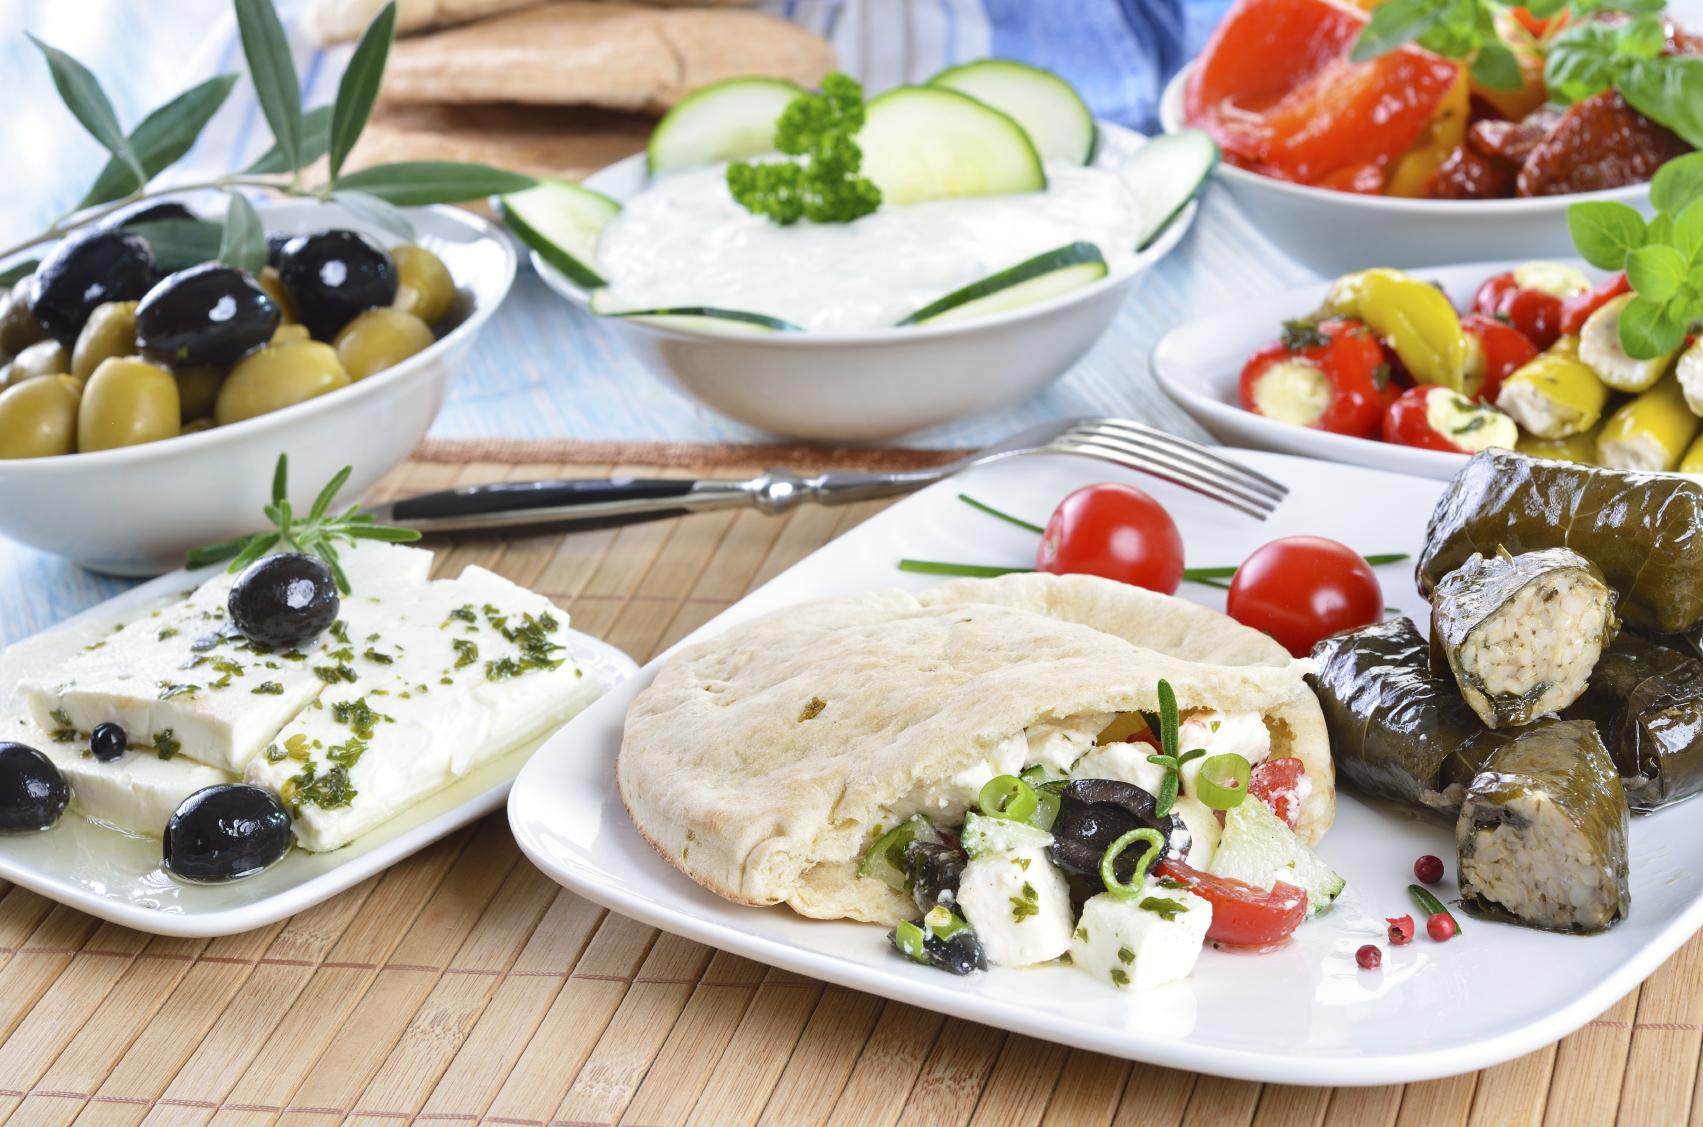 Griechische Küche: Das schmeckt nach Urlaub!   desired.de